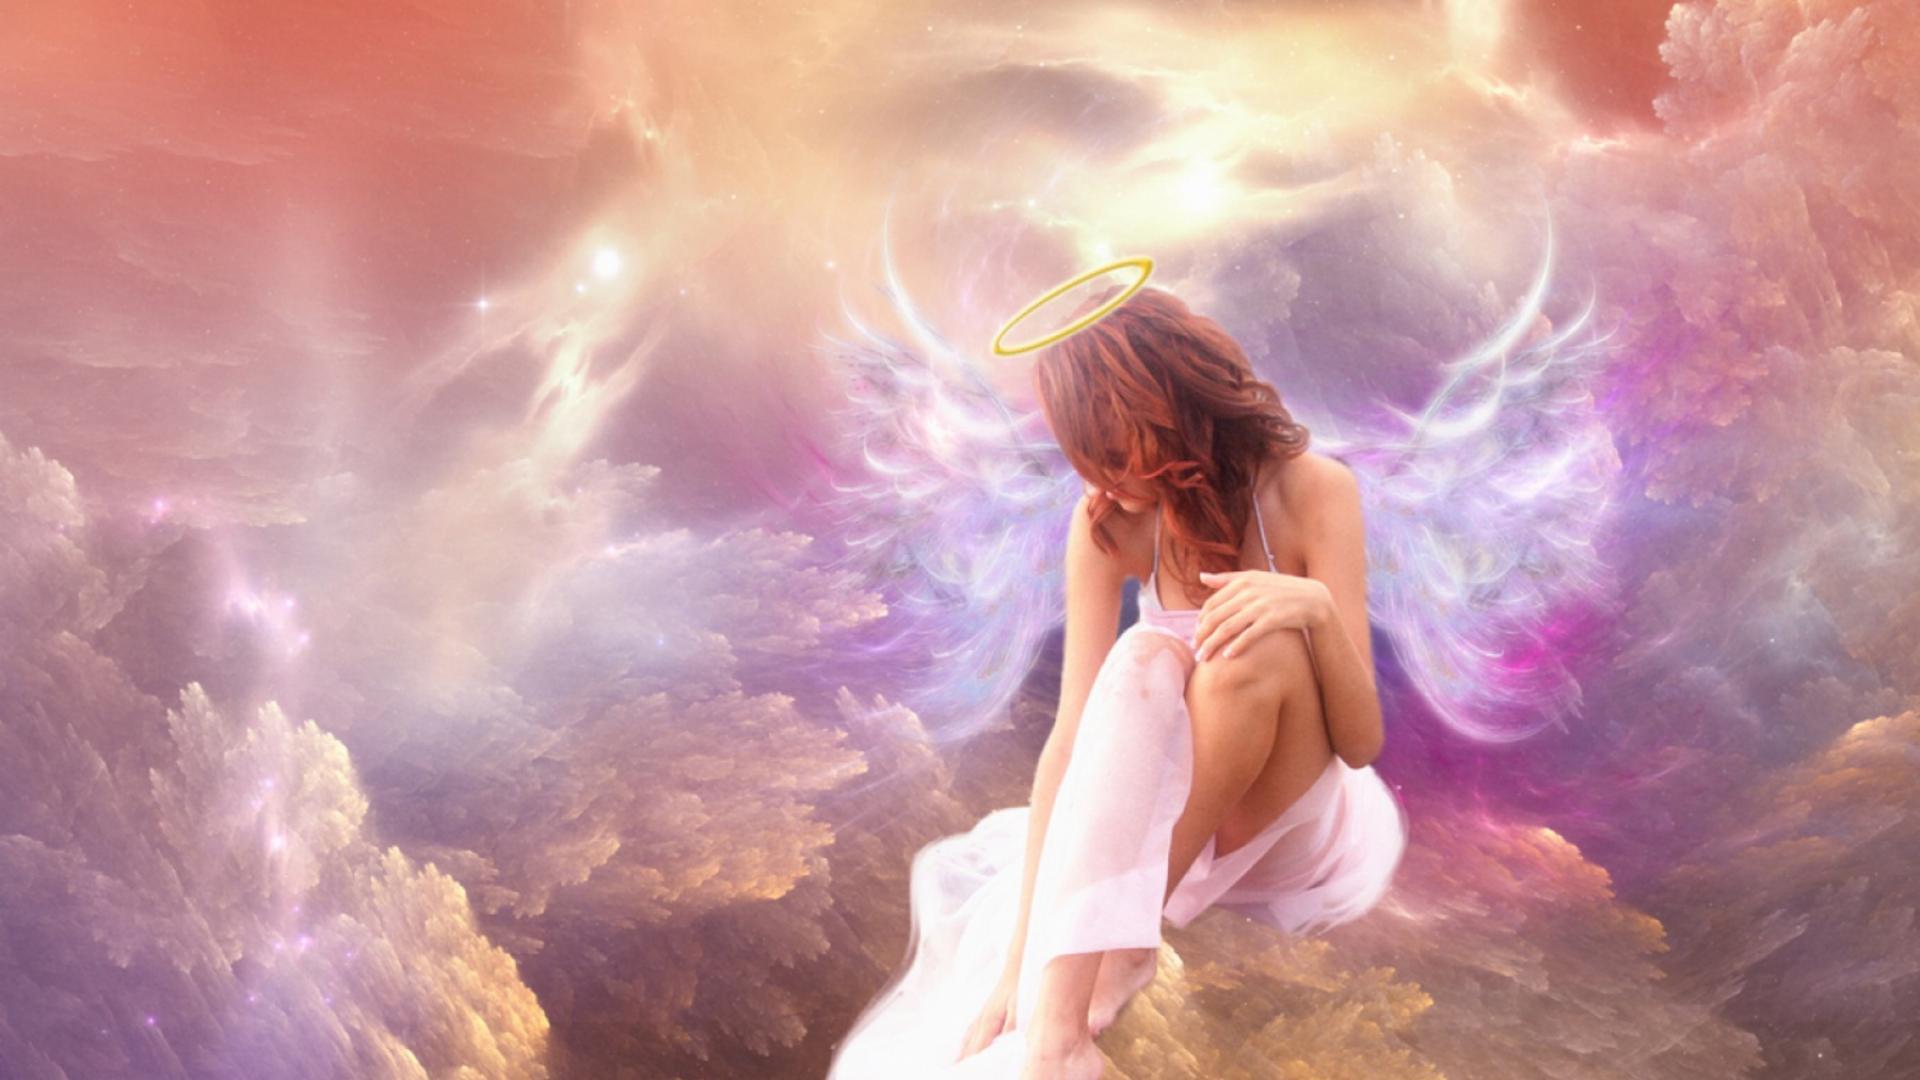 Ангелы в небе  № 2270129 бесплатно